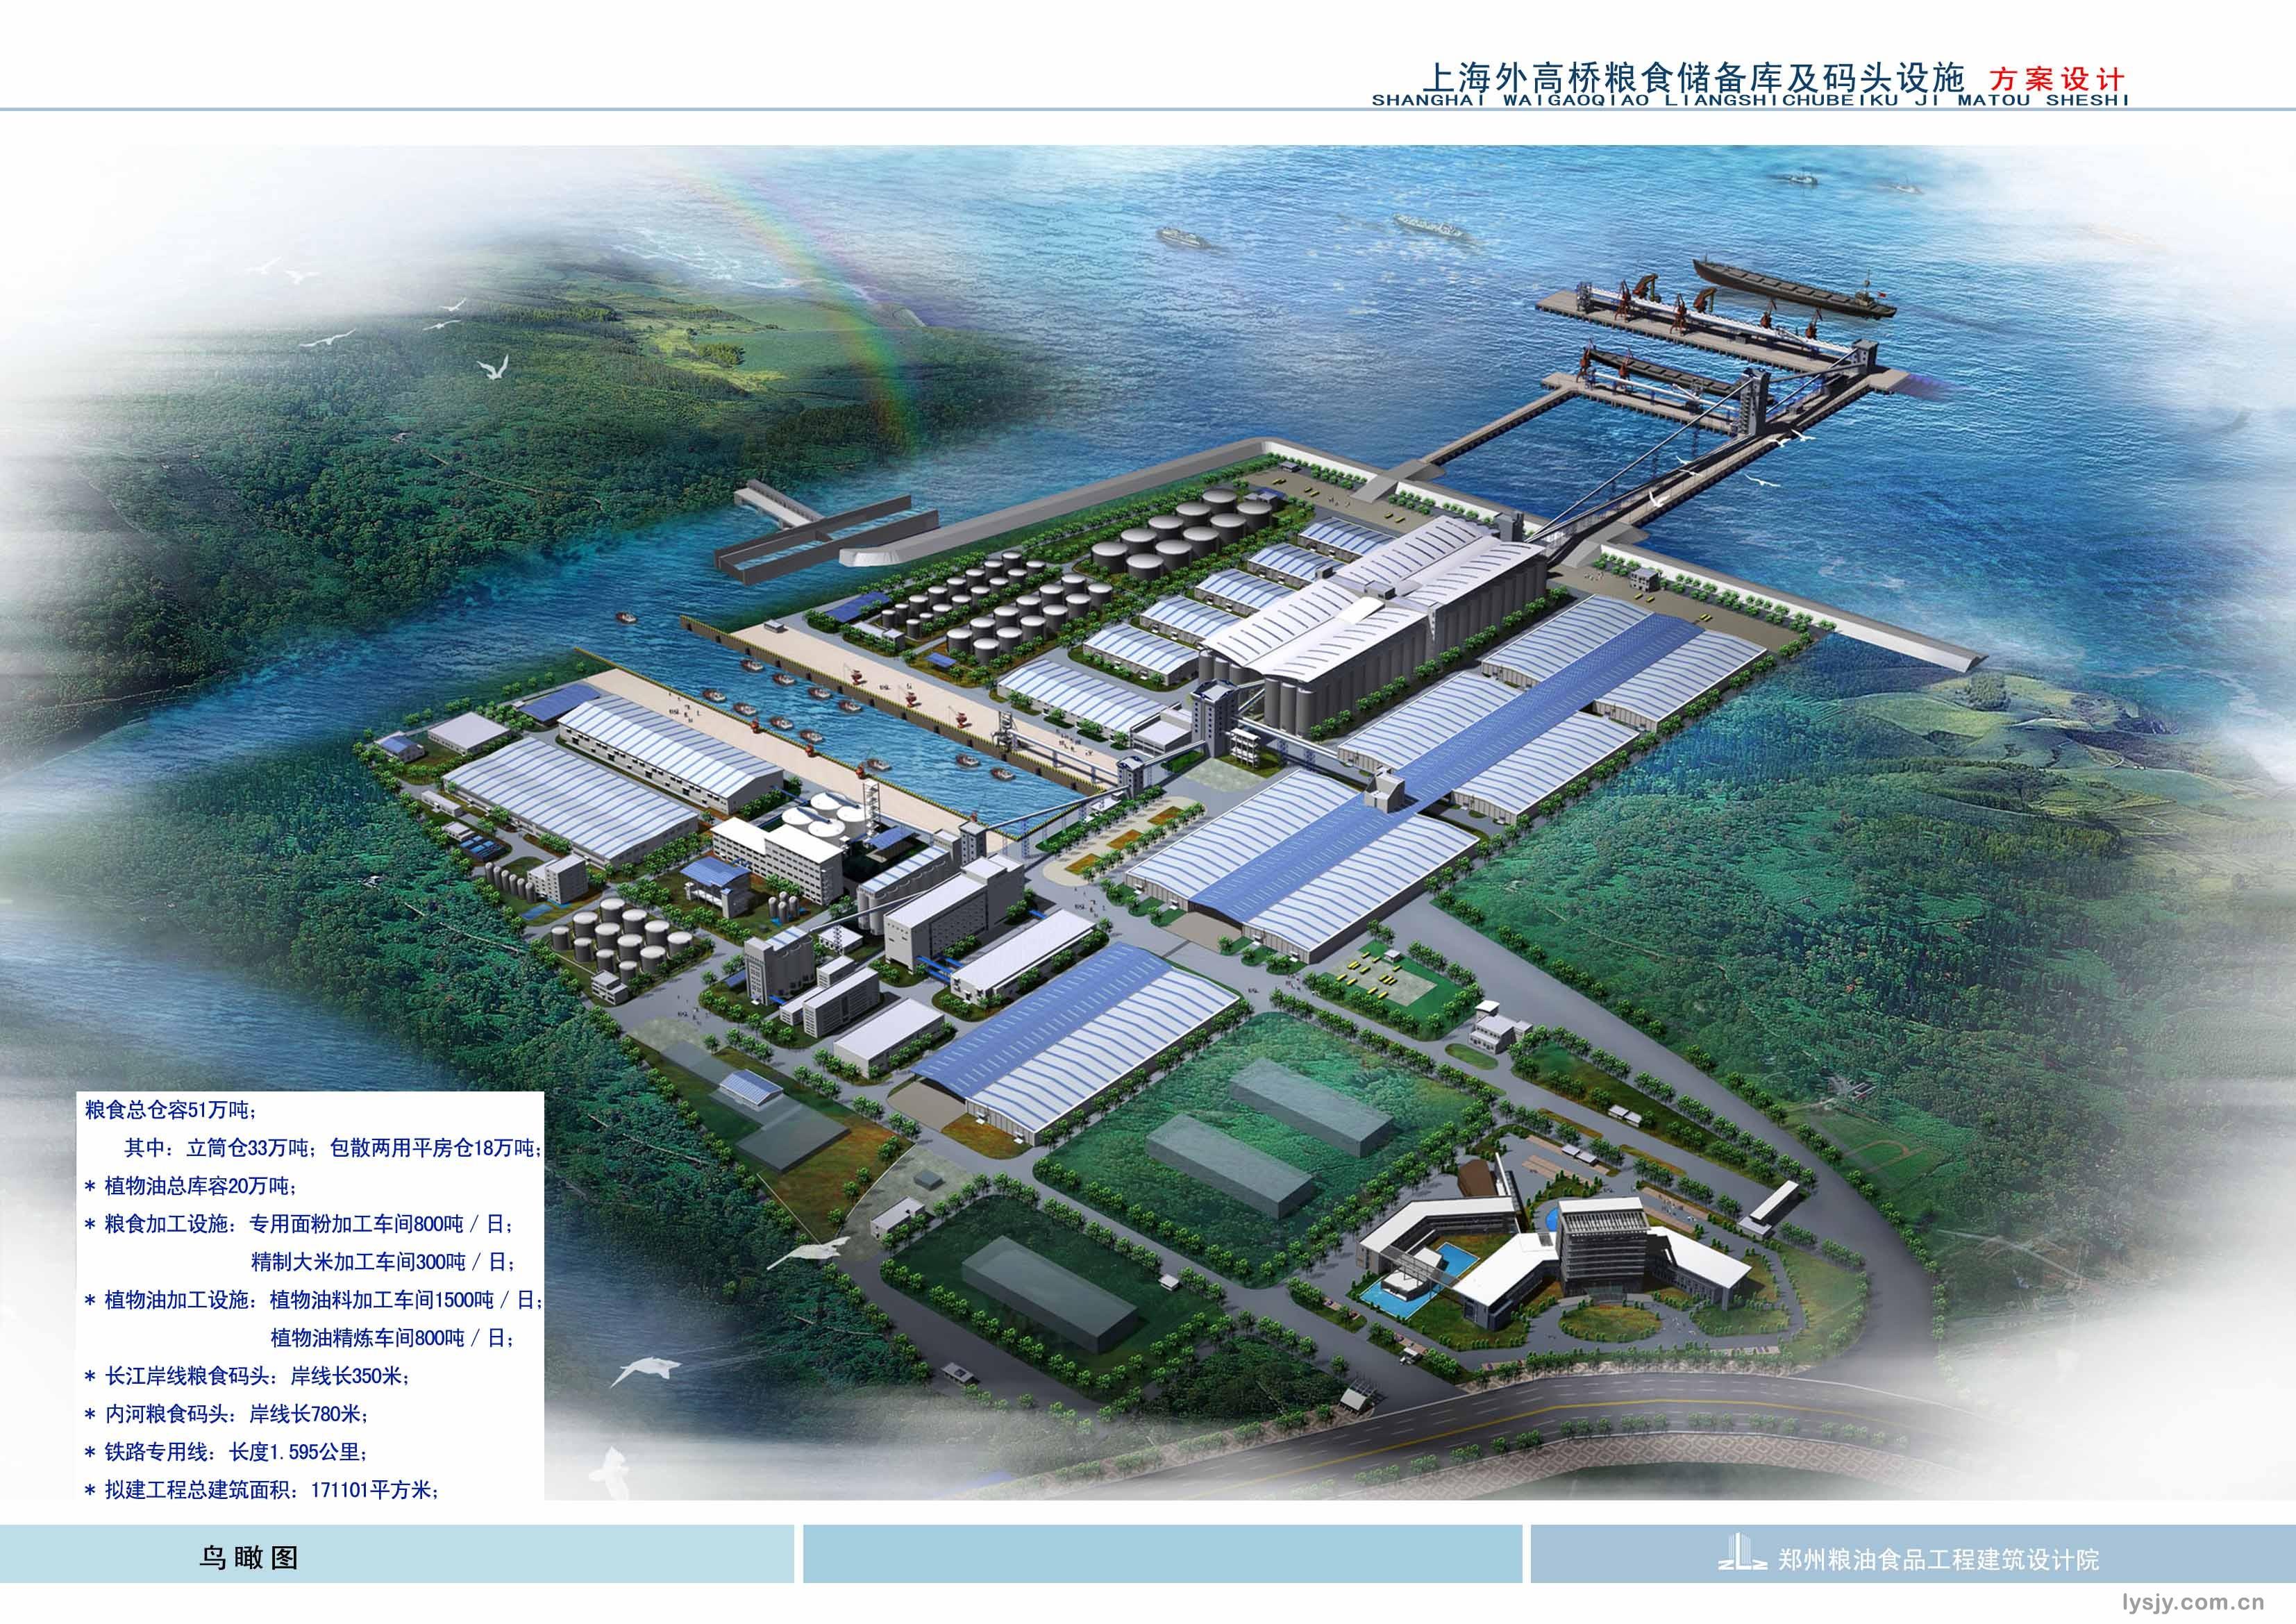 上海外高桥粮食储备库及码头设施项目